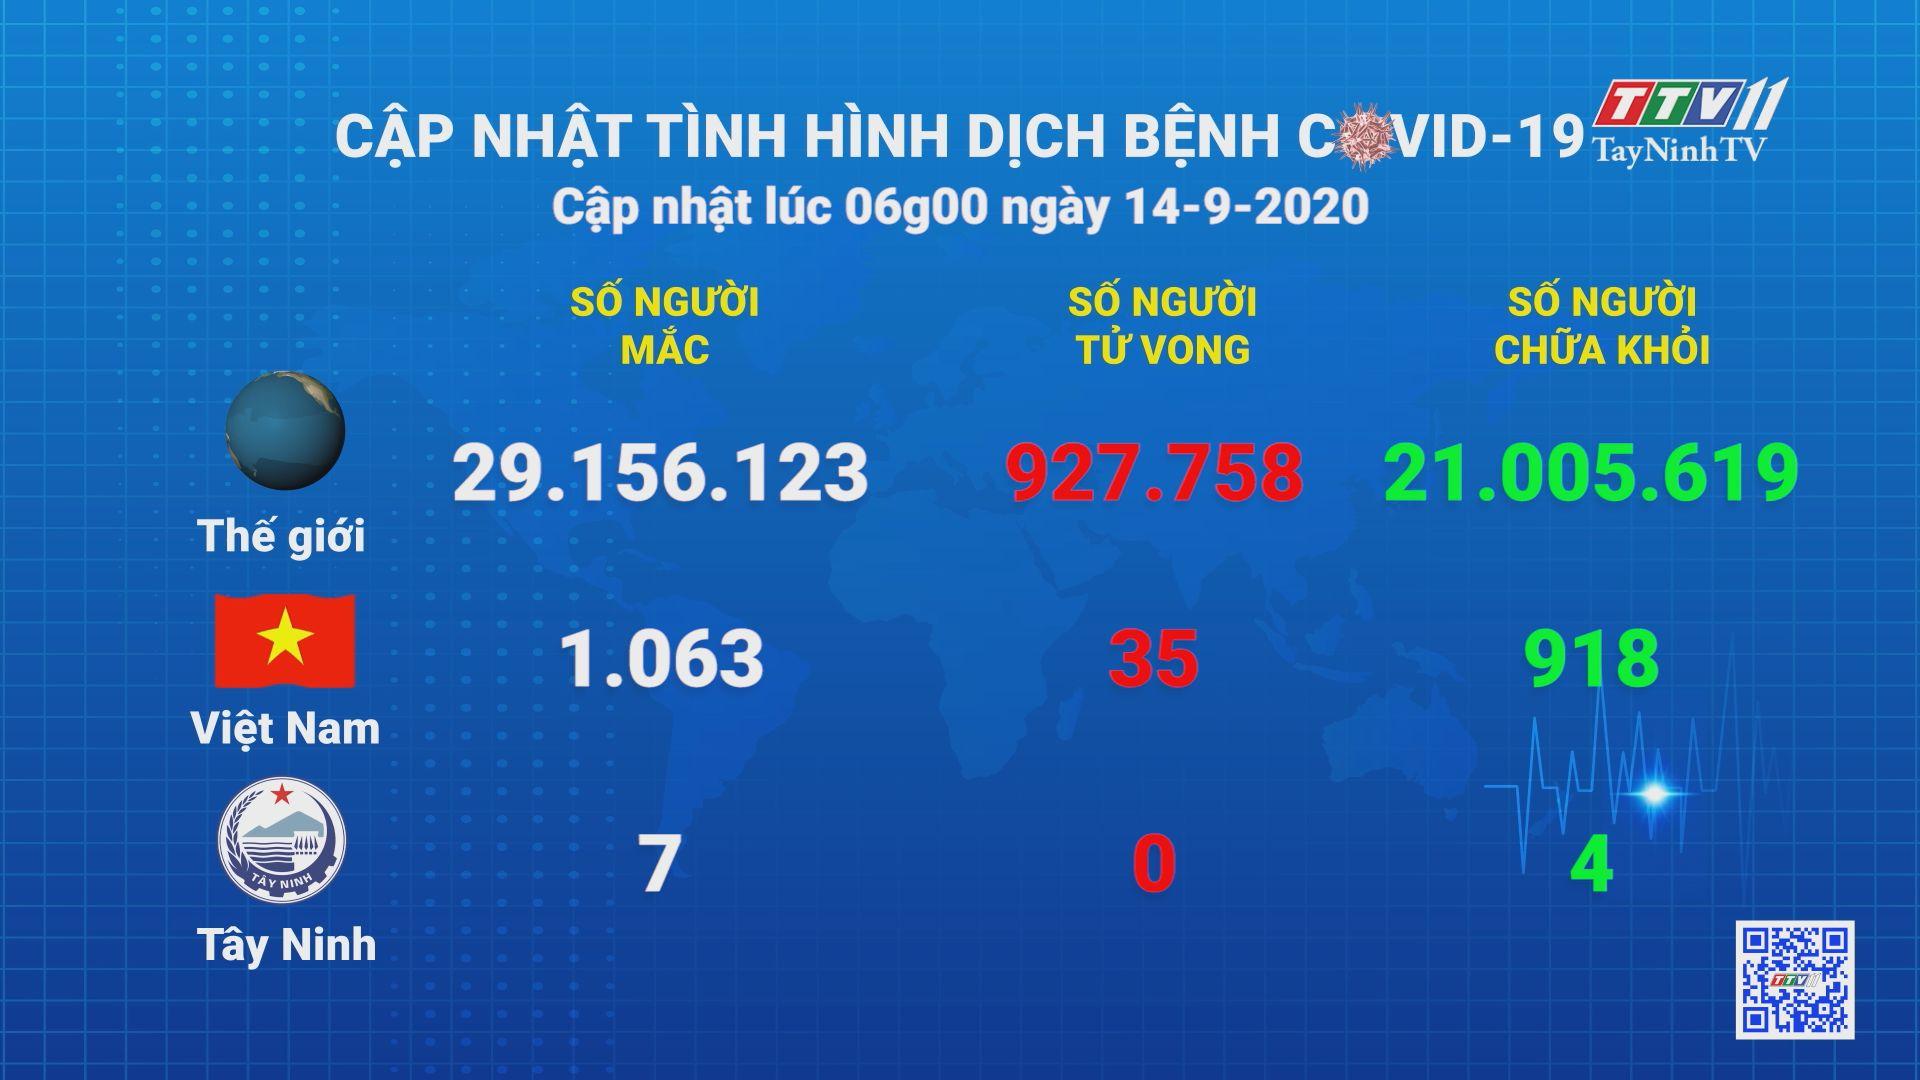 Cập nhật tình hình Covid-19 vào lúc 06 giờ 14-9-2020 | Thông tin dịch Covid-19 | TayNinhTV